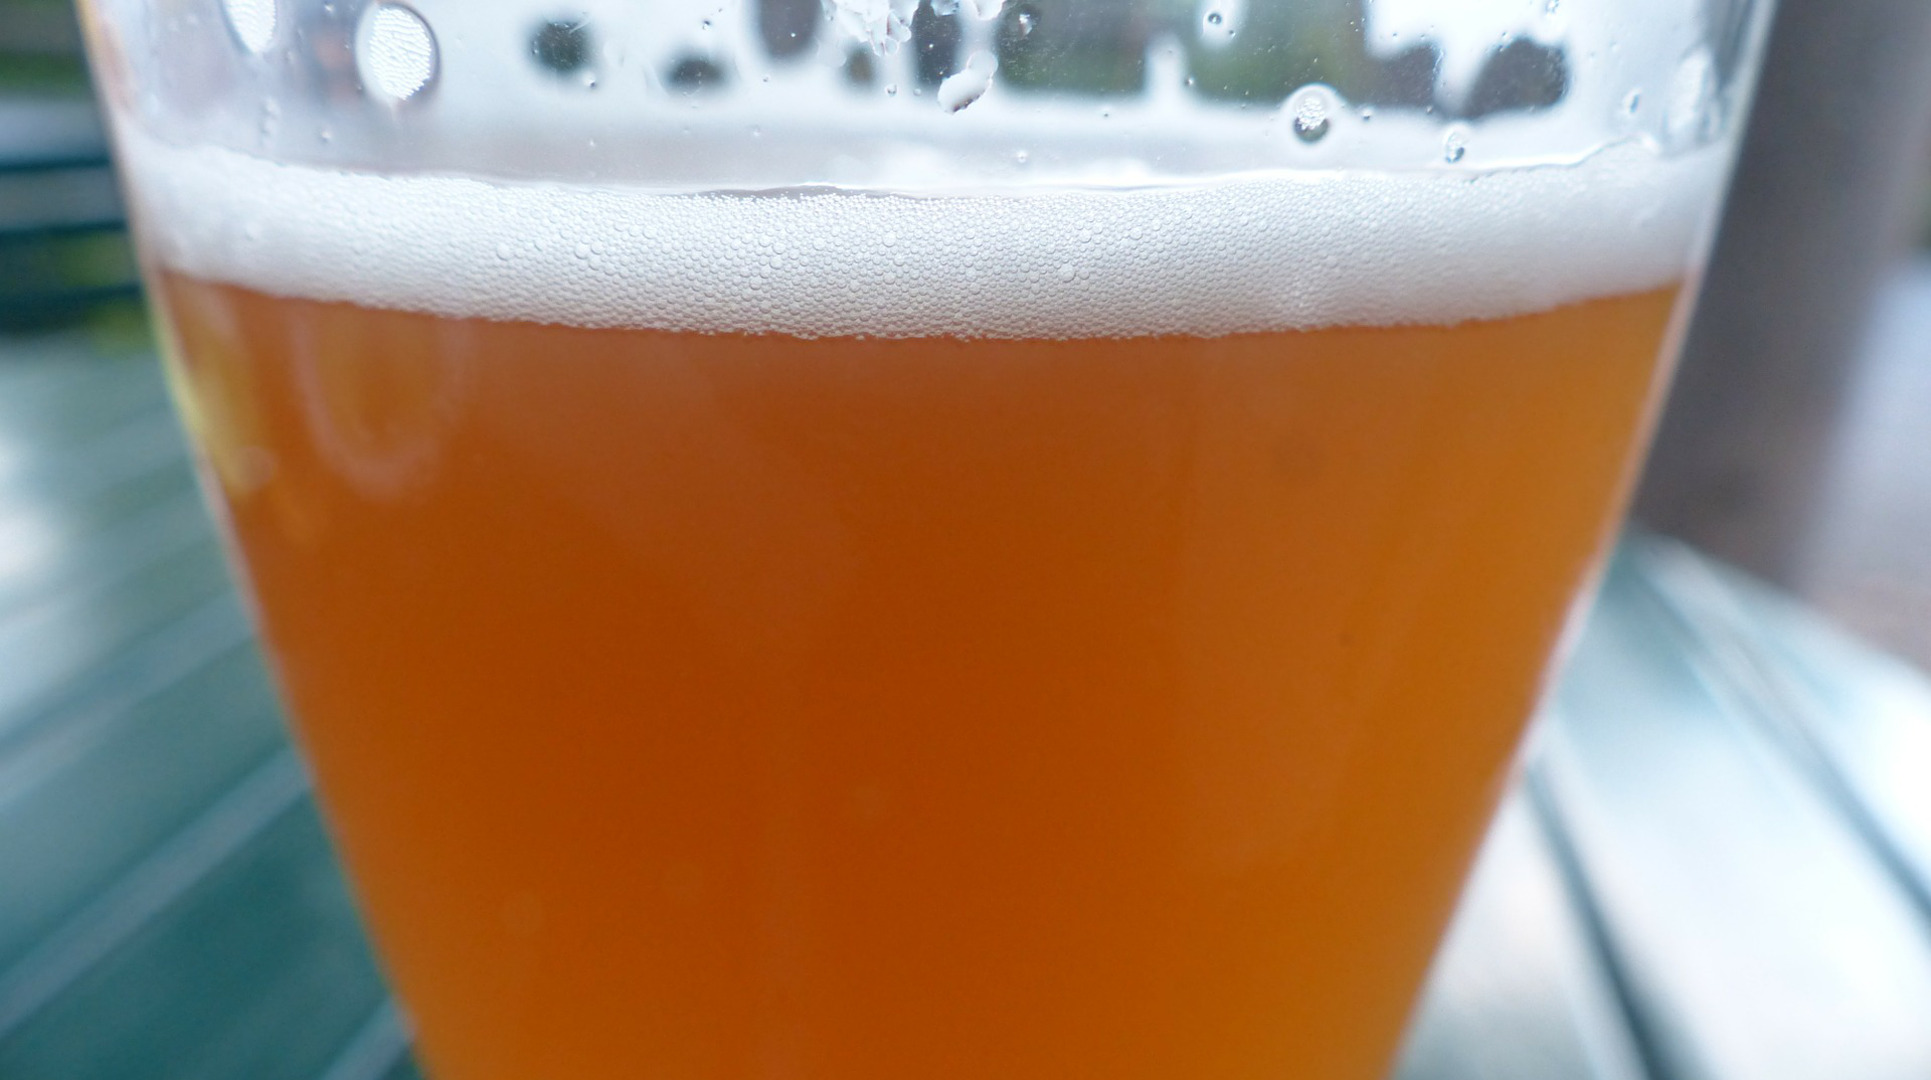 un-estudio-sostiene-que-la-cerveza-calma-mejor-el-dolor-que-un-analgesico- 1920